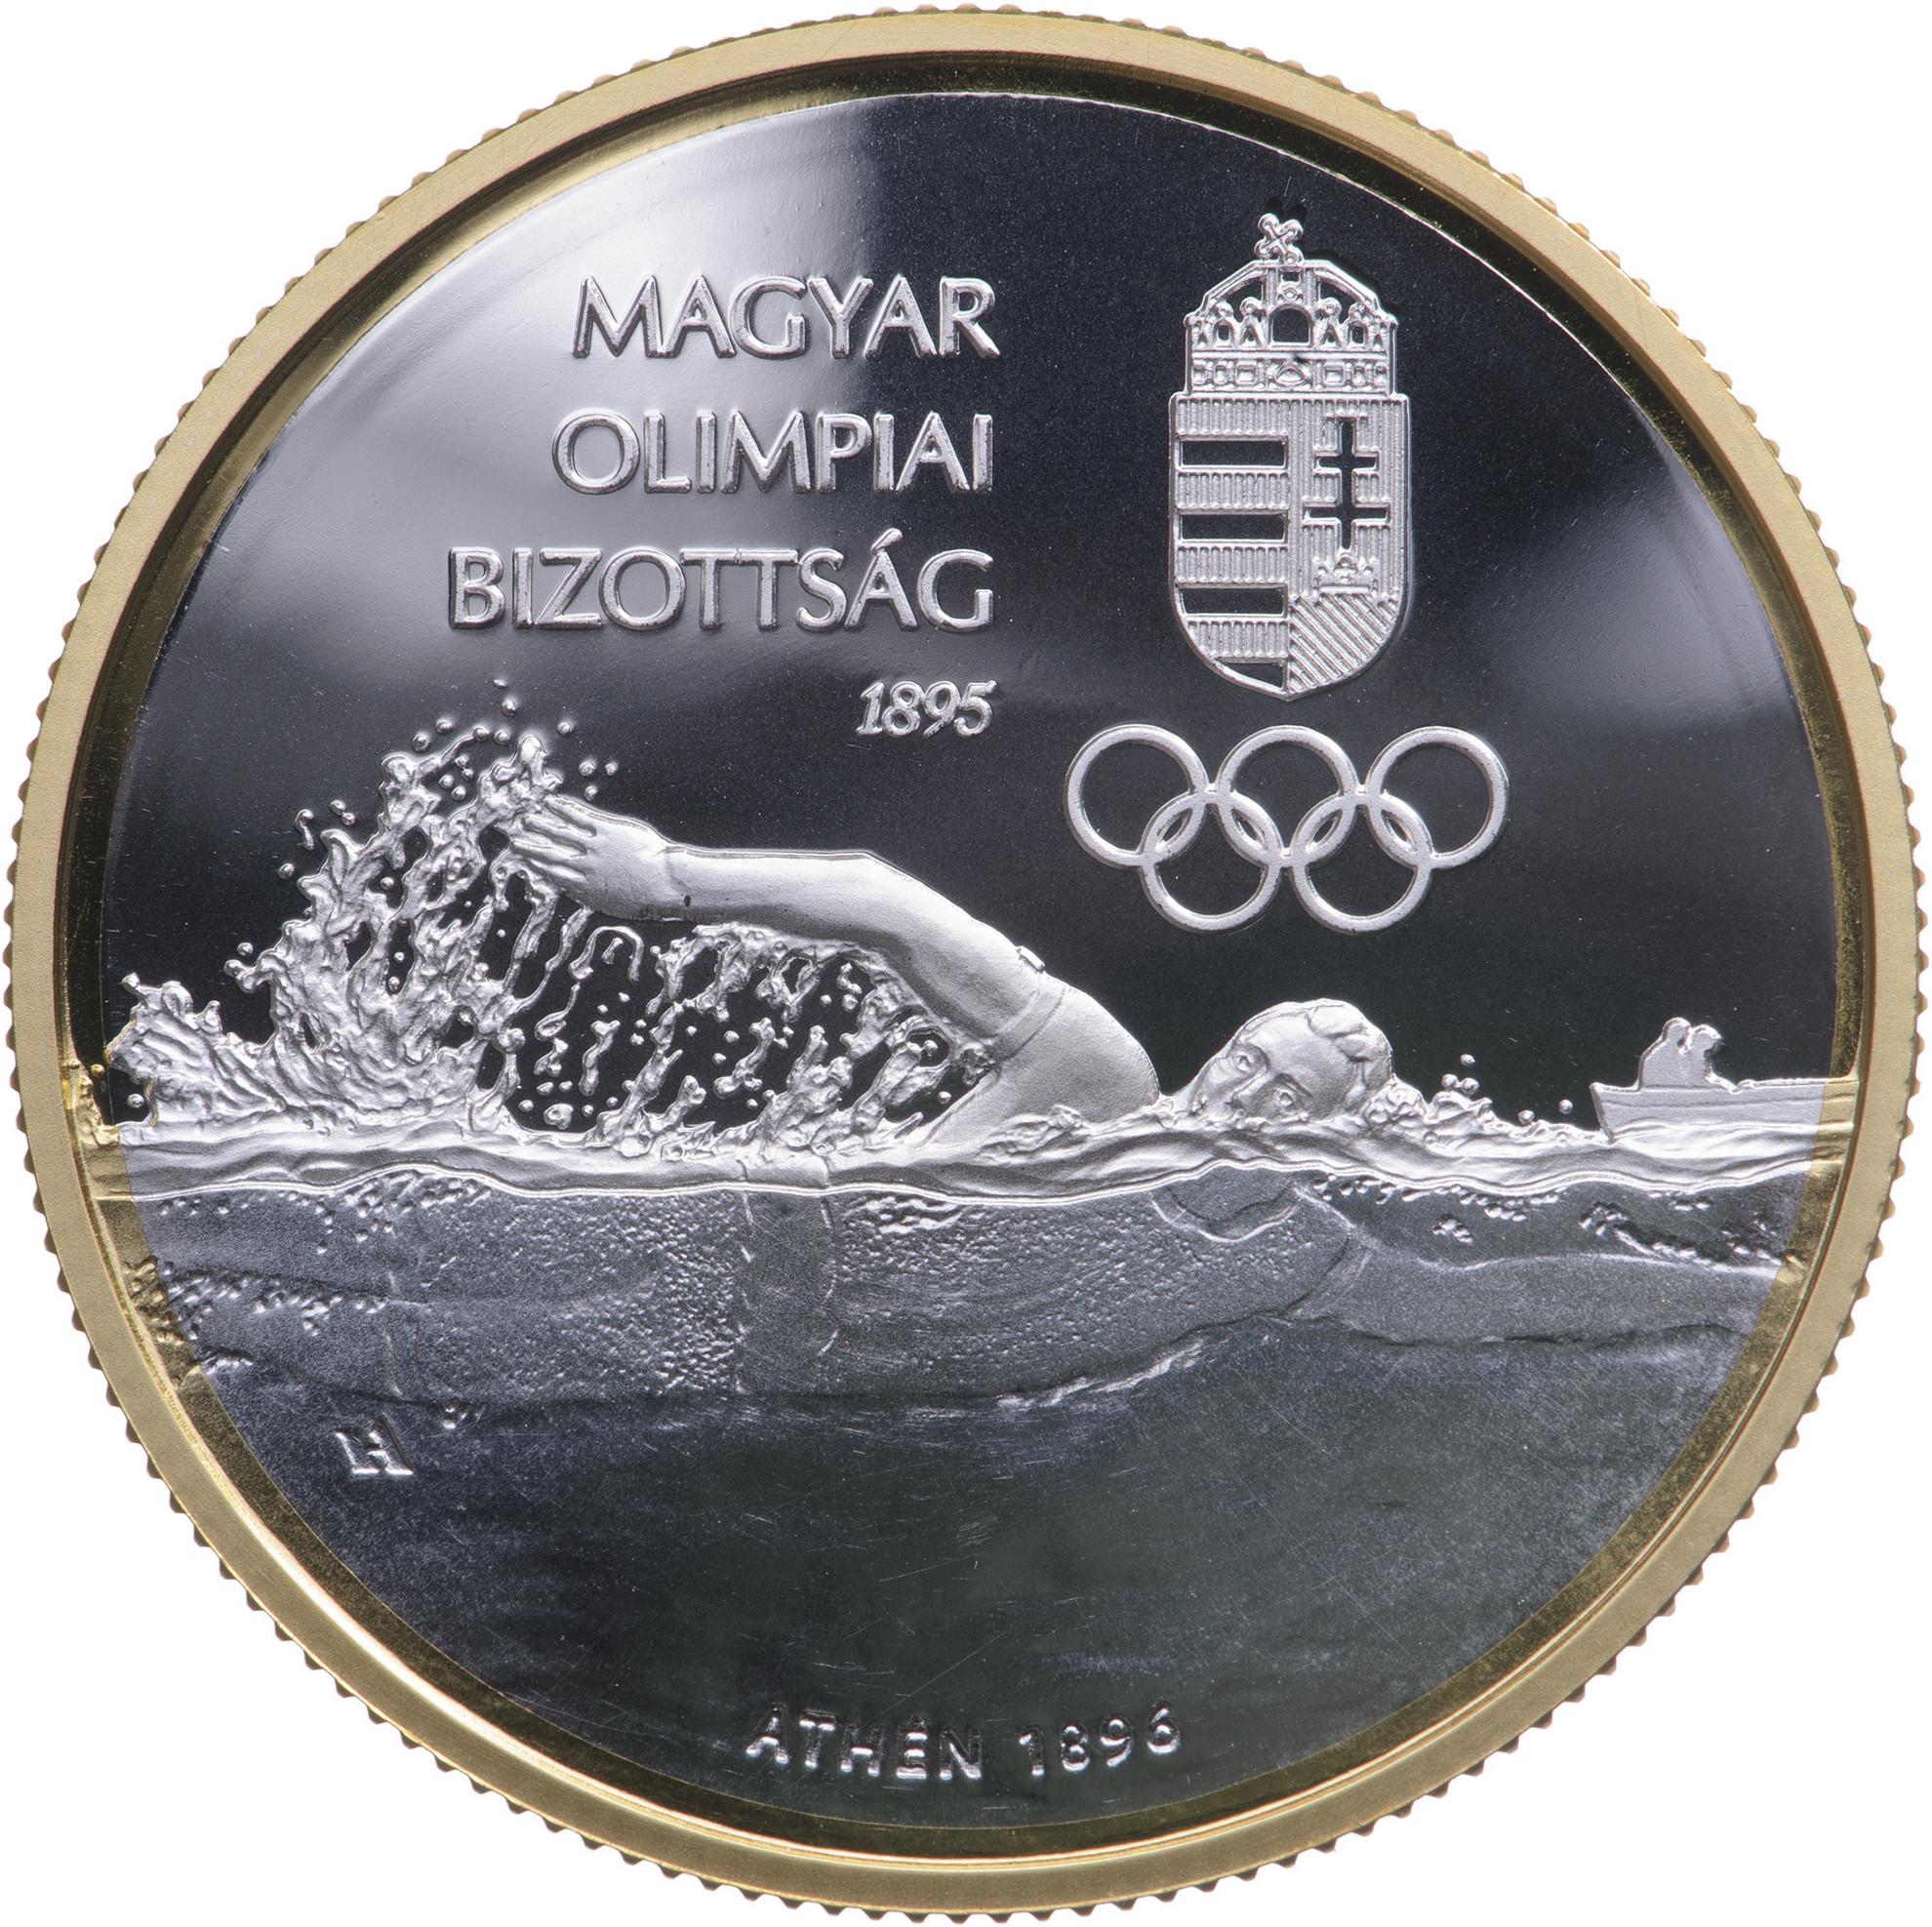 Az emlékérmét tervező Horváth Andrea iparművész mesterjegye bal oldalon az úszó alakja alatt jelenik meg a tenger ábrázolásába rejtve